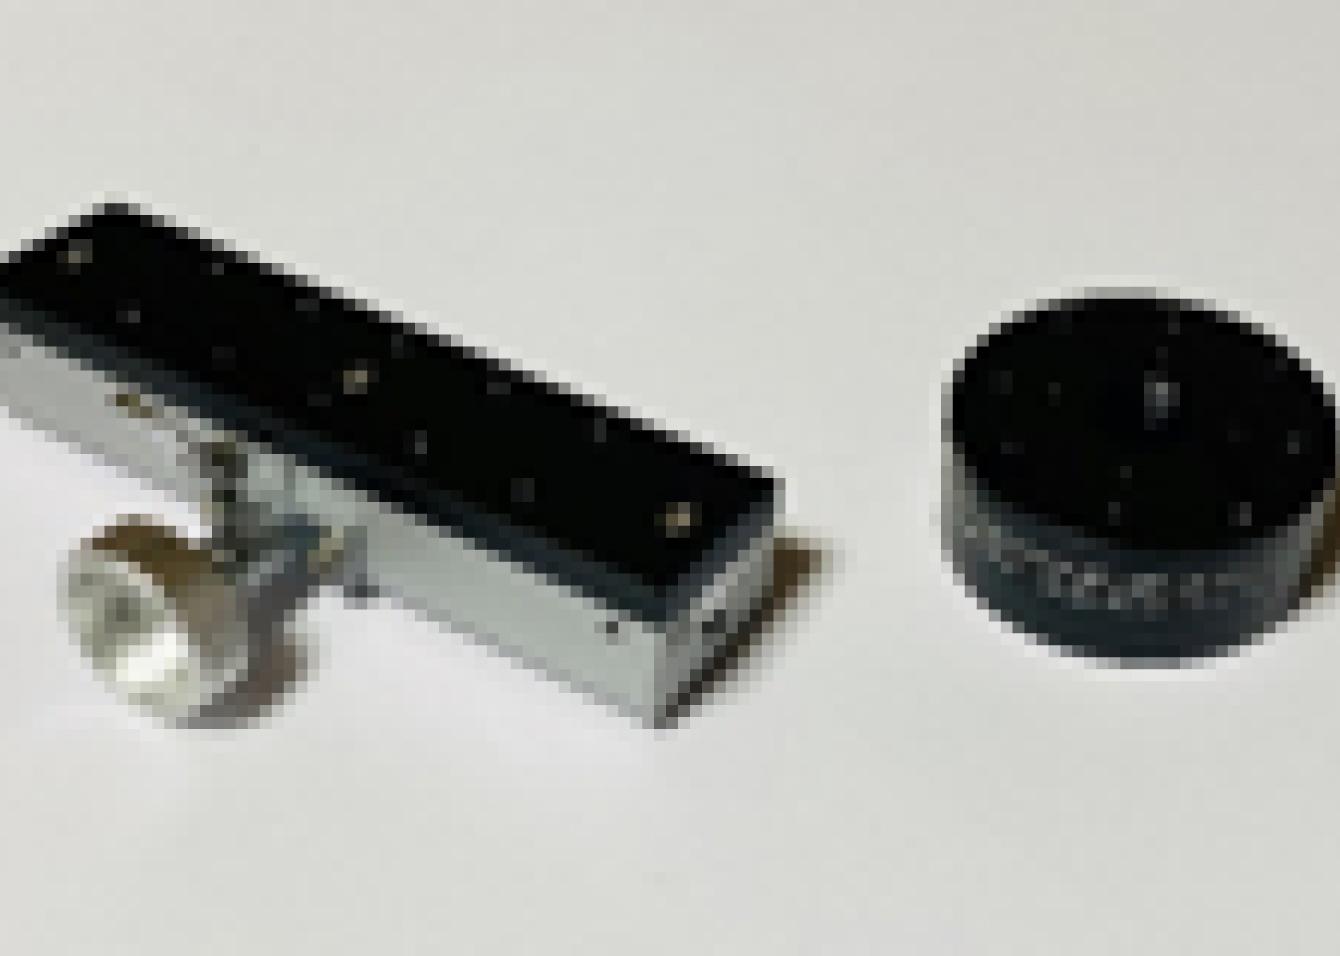 位置決め基本機器 摺動面型直動&回転ステージ